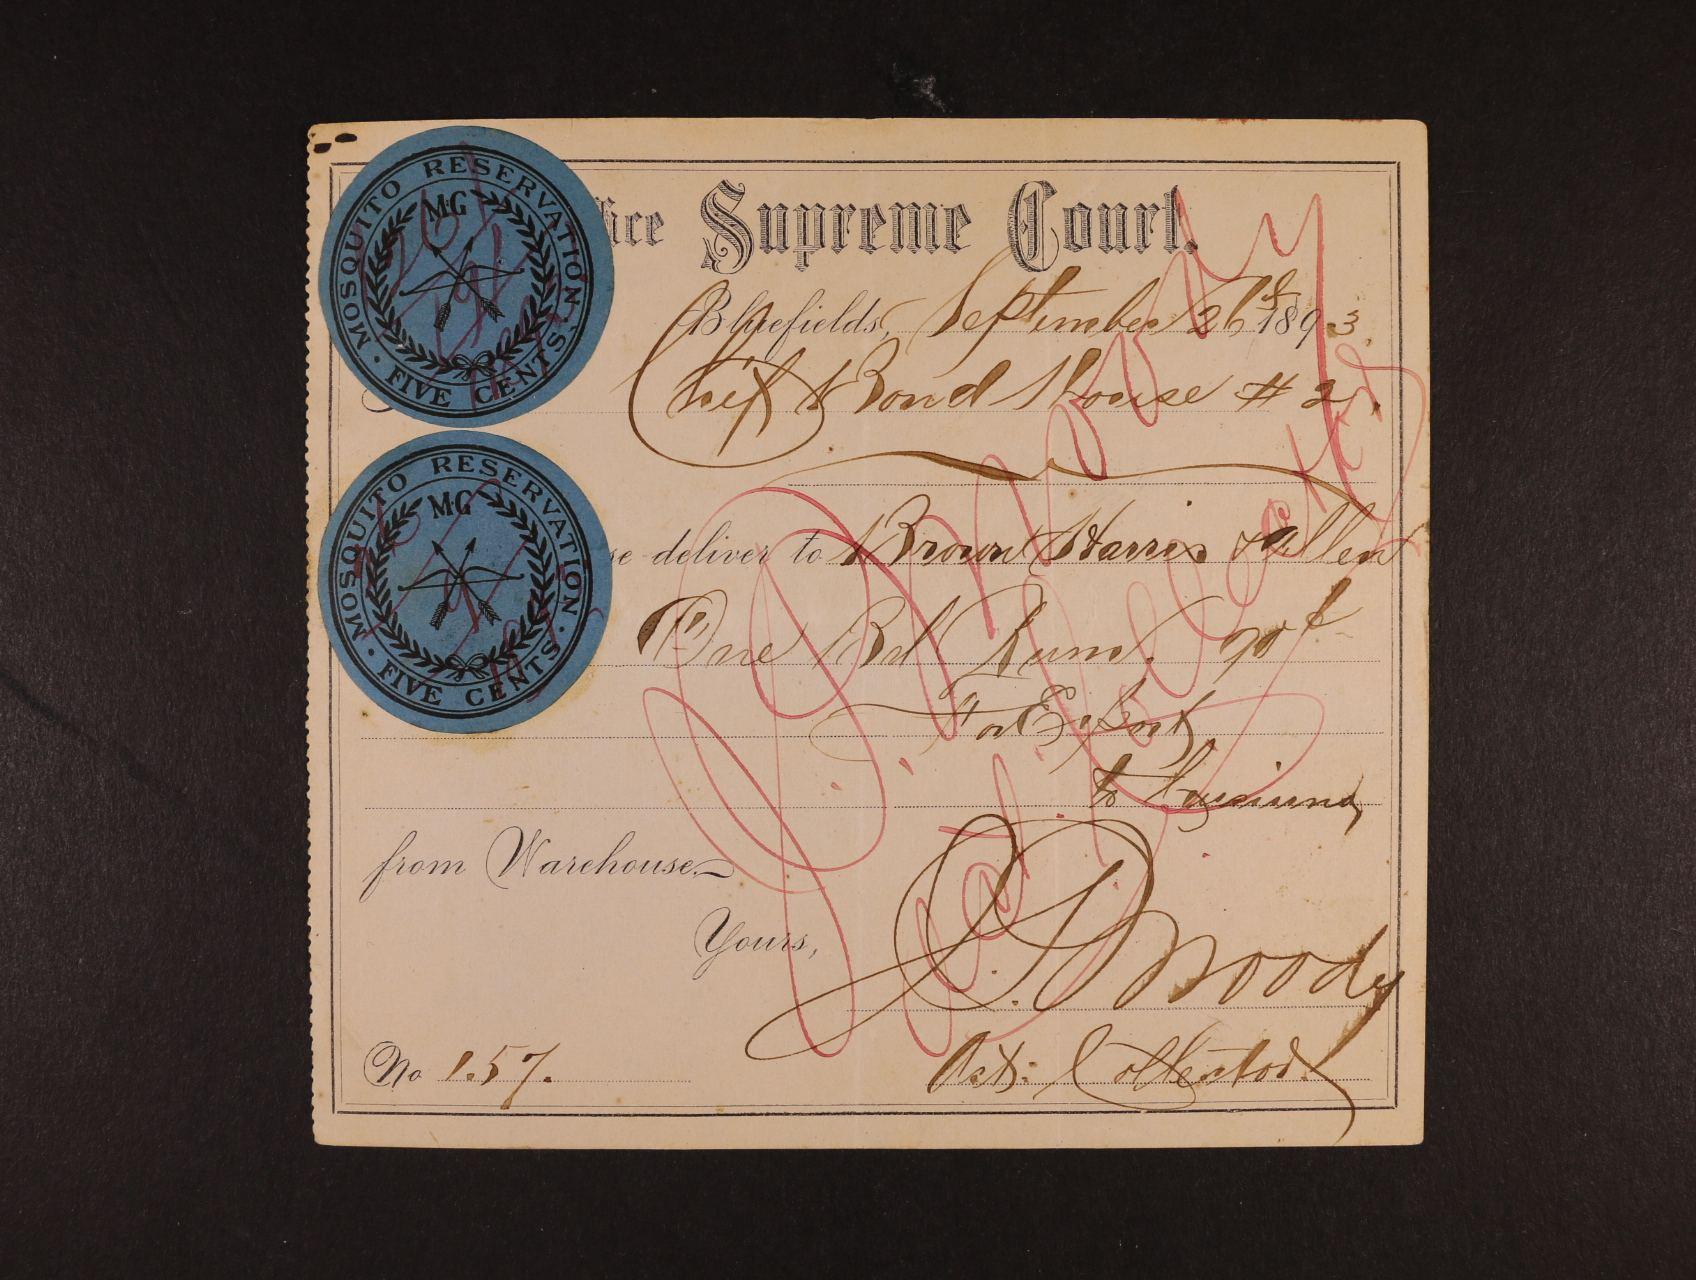 Nicaragua Moskytské pobřeží - doklad o nákupu rumu ze 26. Sept.1893 s vylepenými dvěma 5ti-centovými zn. znehodnoc. přepisem a škrtem pera (podobný doklad v aukci Feldman označený velmi vzácné)